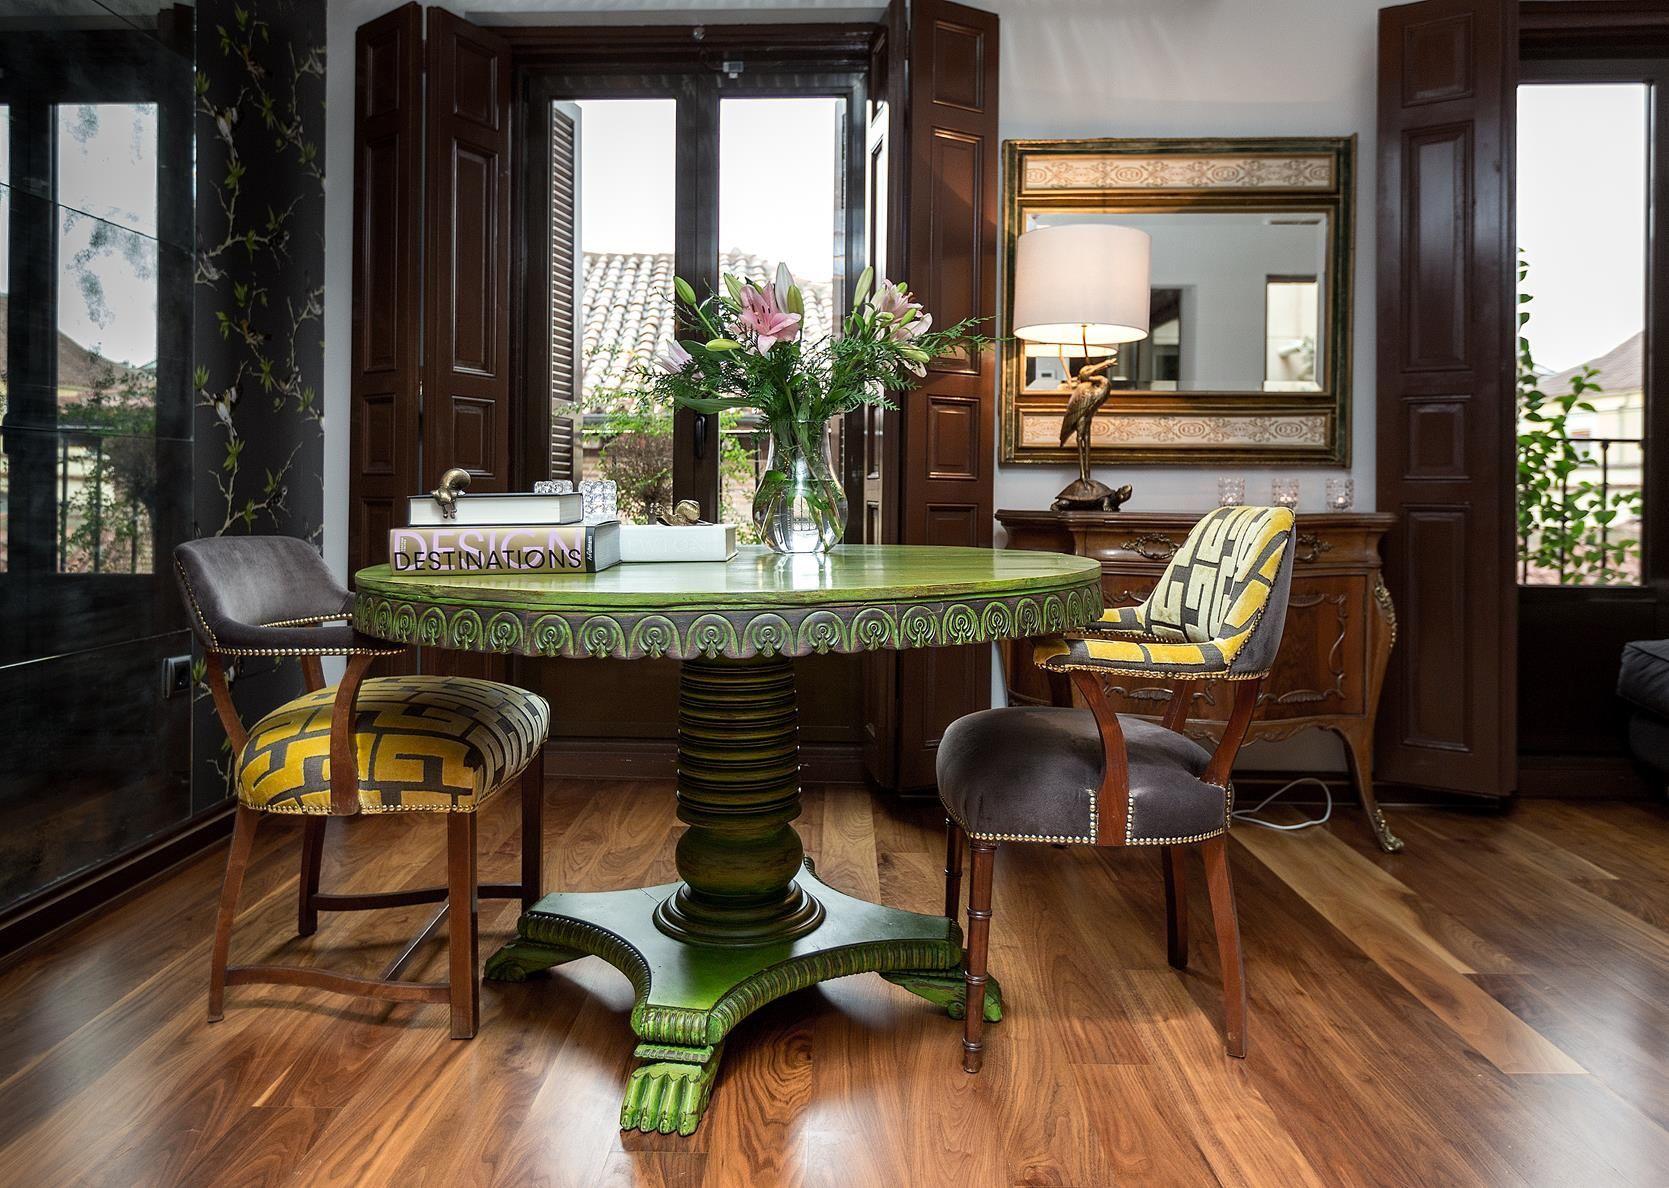 El piso en las letras de adriana nicolau mesas pisos casas y decoraci n hogar - Muebles nicolau ...